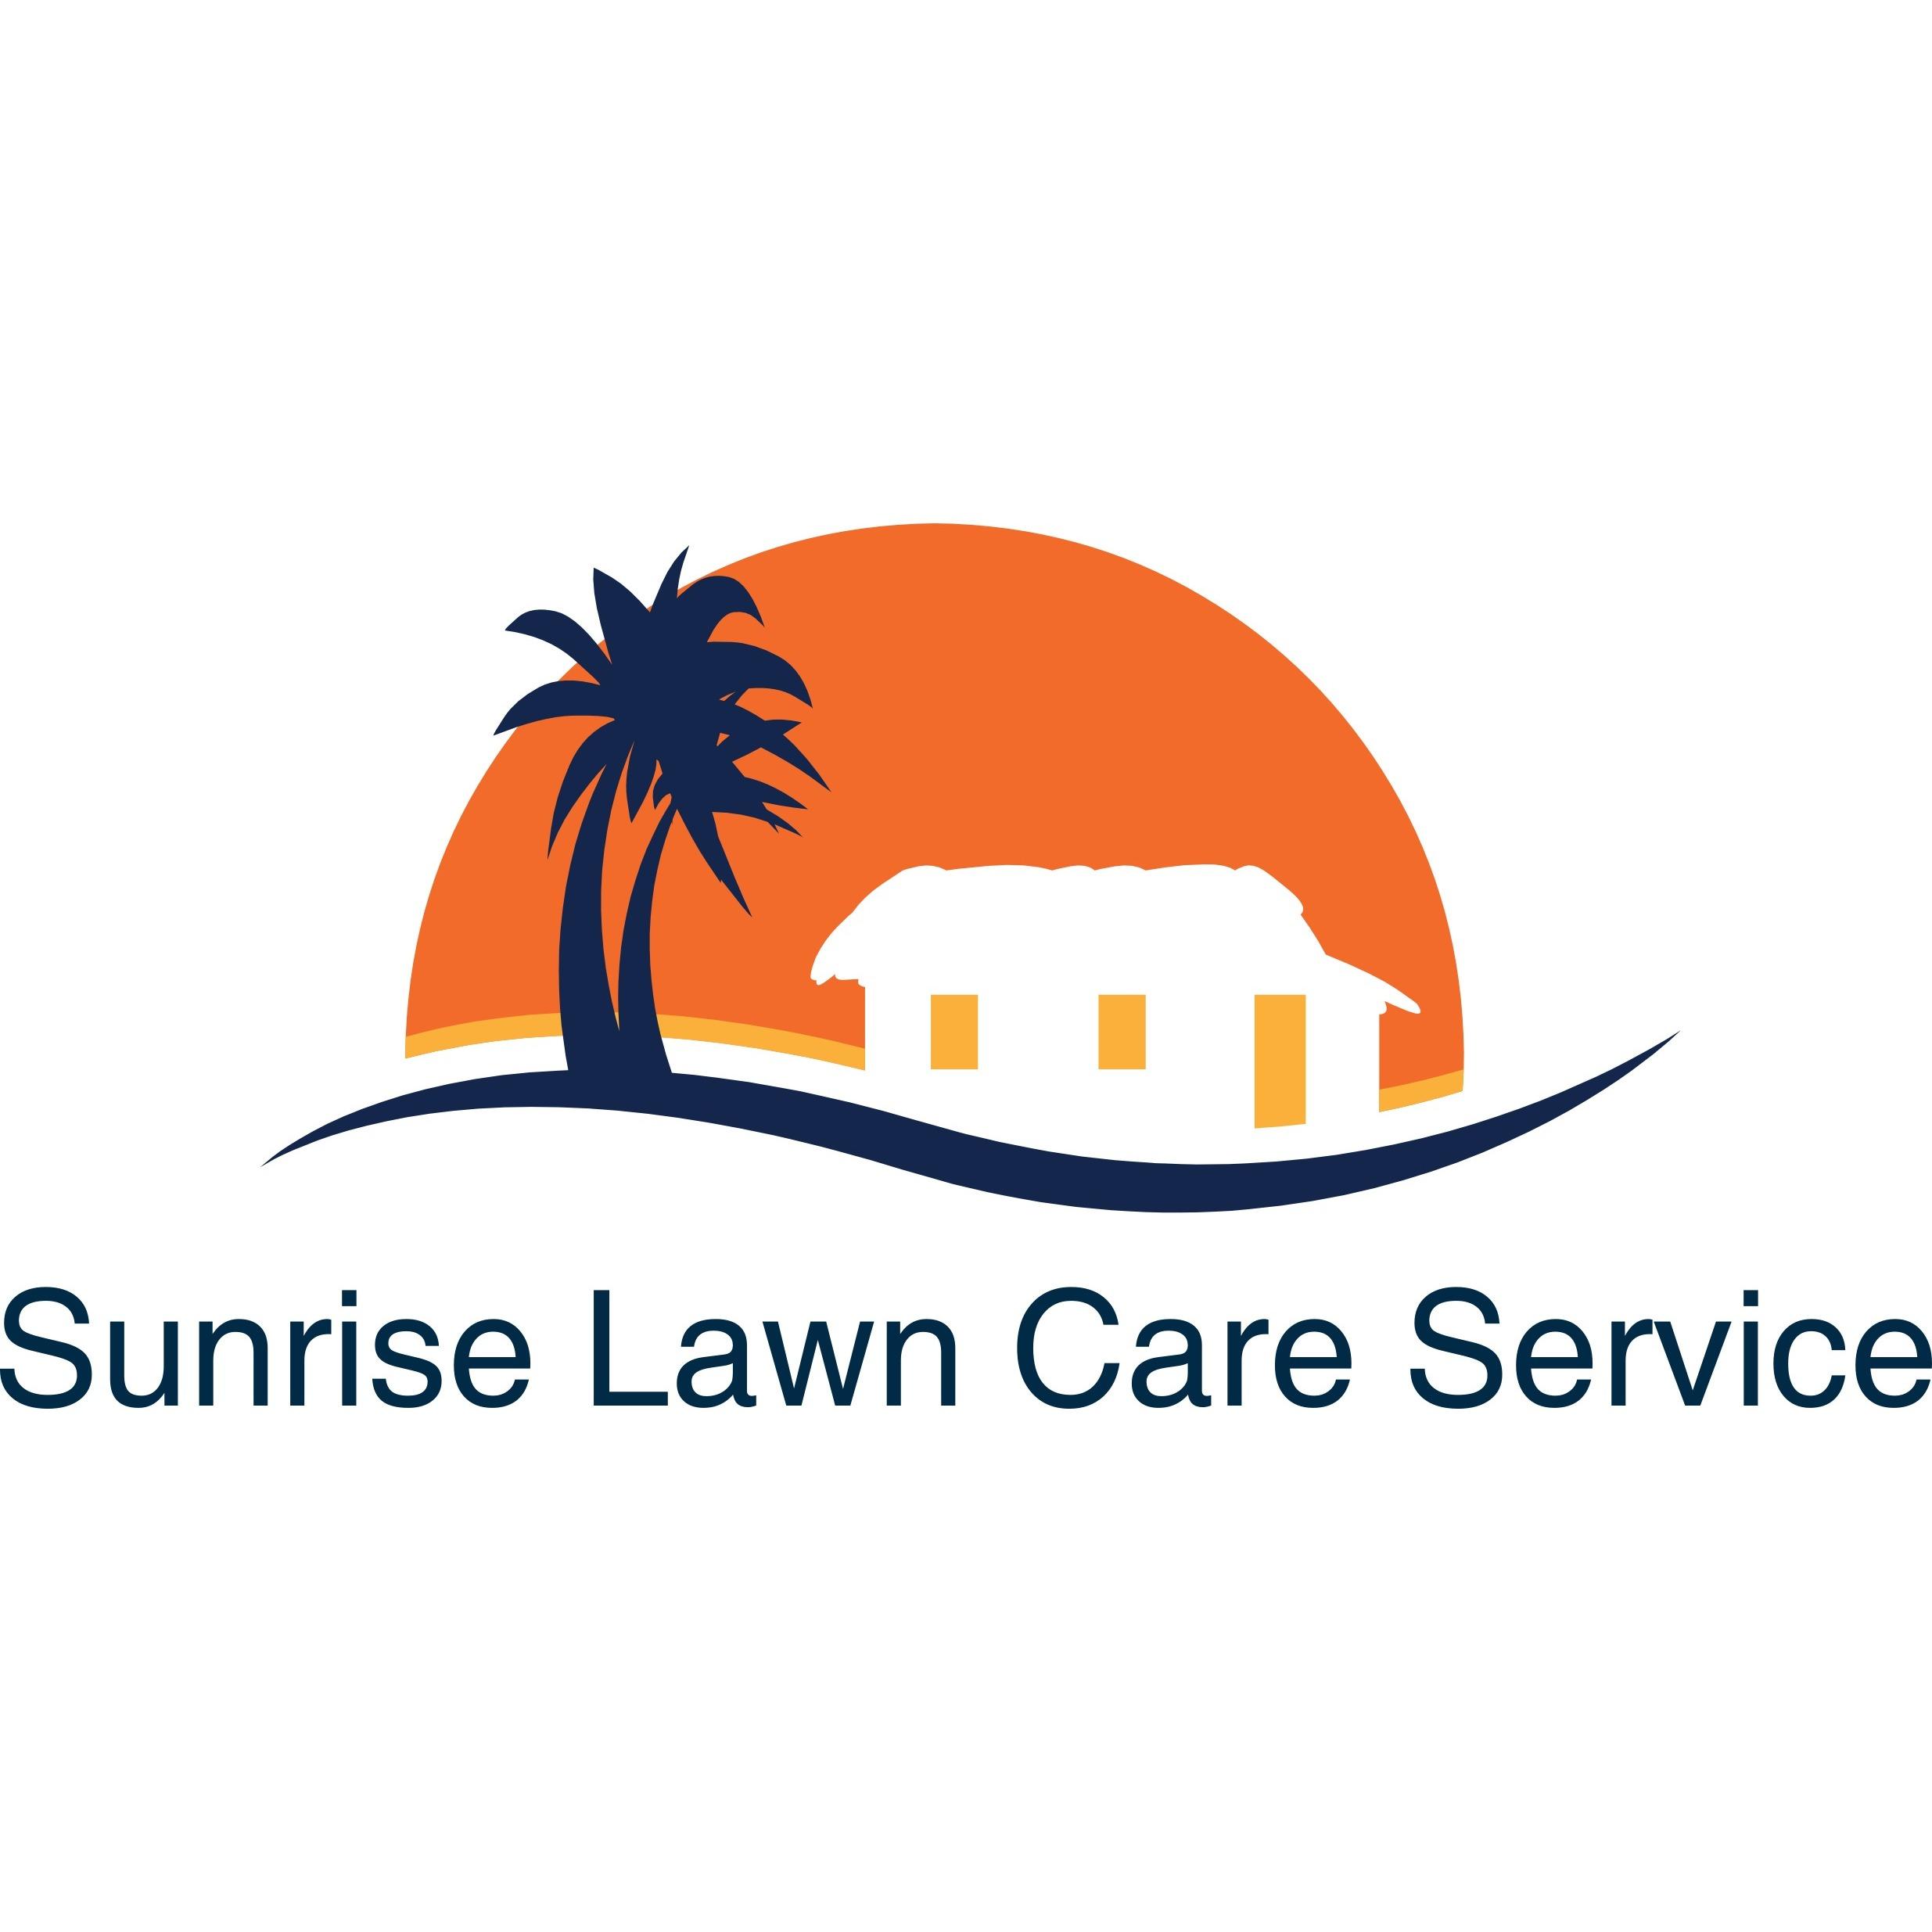 Sunrise Lawn Care Service Inc